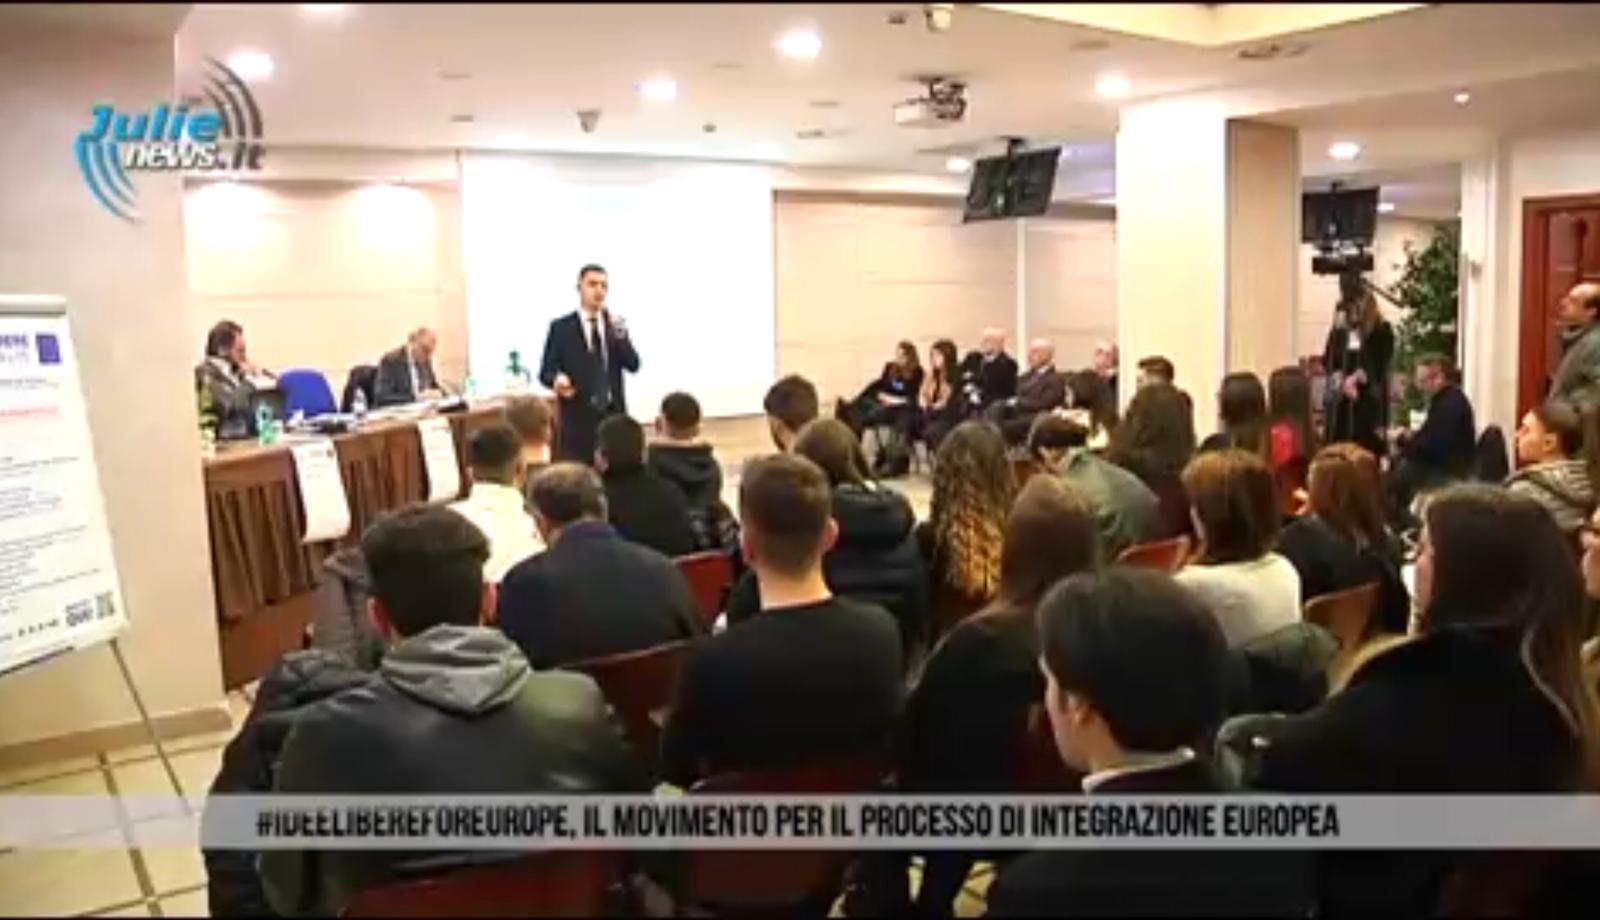 #IdeelibereForEurope 15.03.2019 – Servizio TV di JULIE NEWS